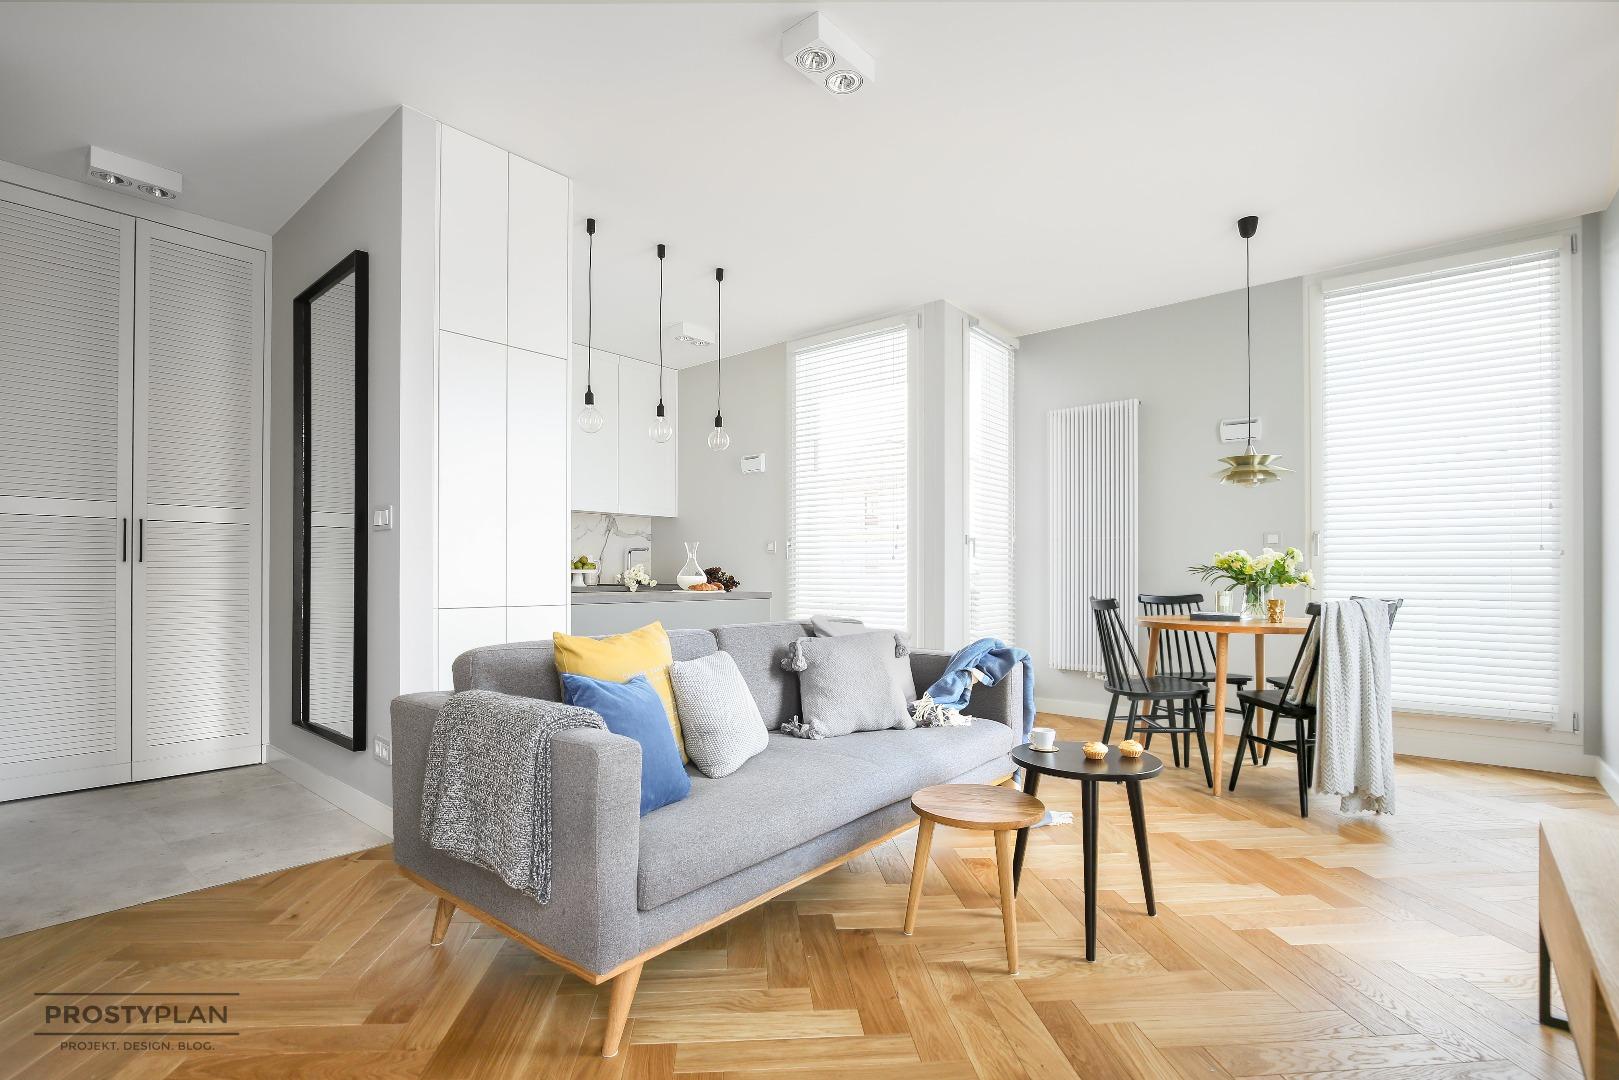 Ile Naprawde Kosztuje Wykonczenie I Umeblowanie Mieszkania Cz 1 Prace Budowlane Pierwsze Spotkanie Z Klientami Zawsze Kreci Sie Wok Home Decor Furniture Home